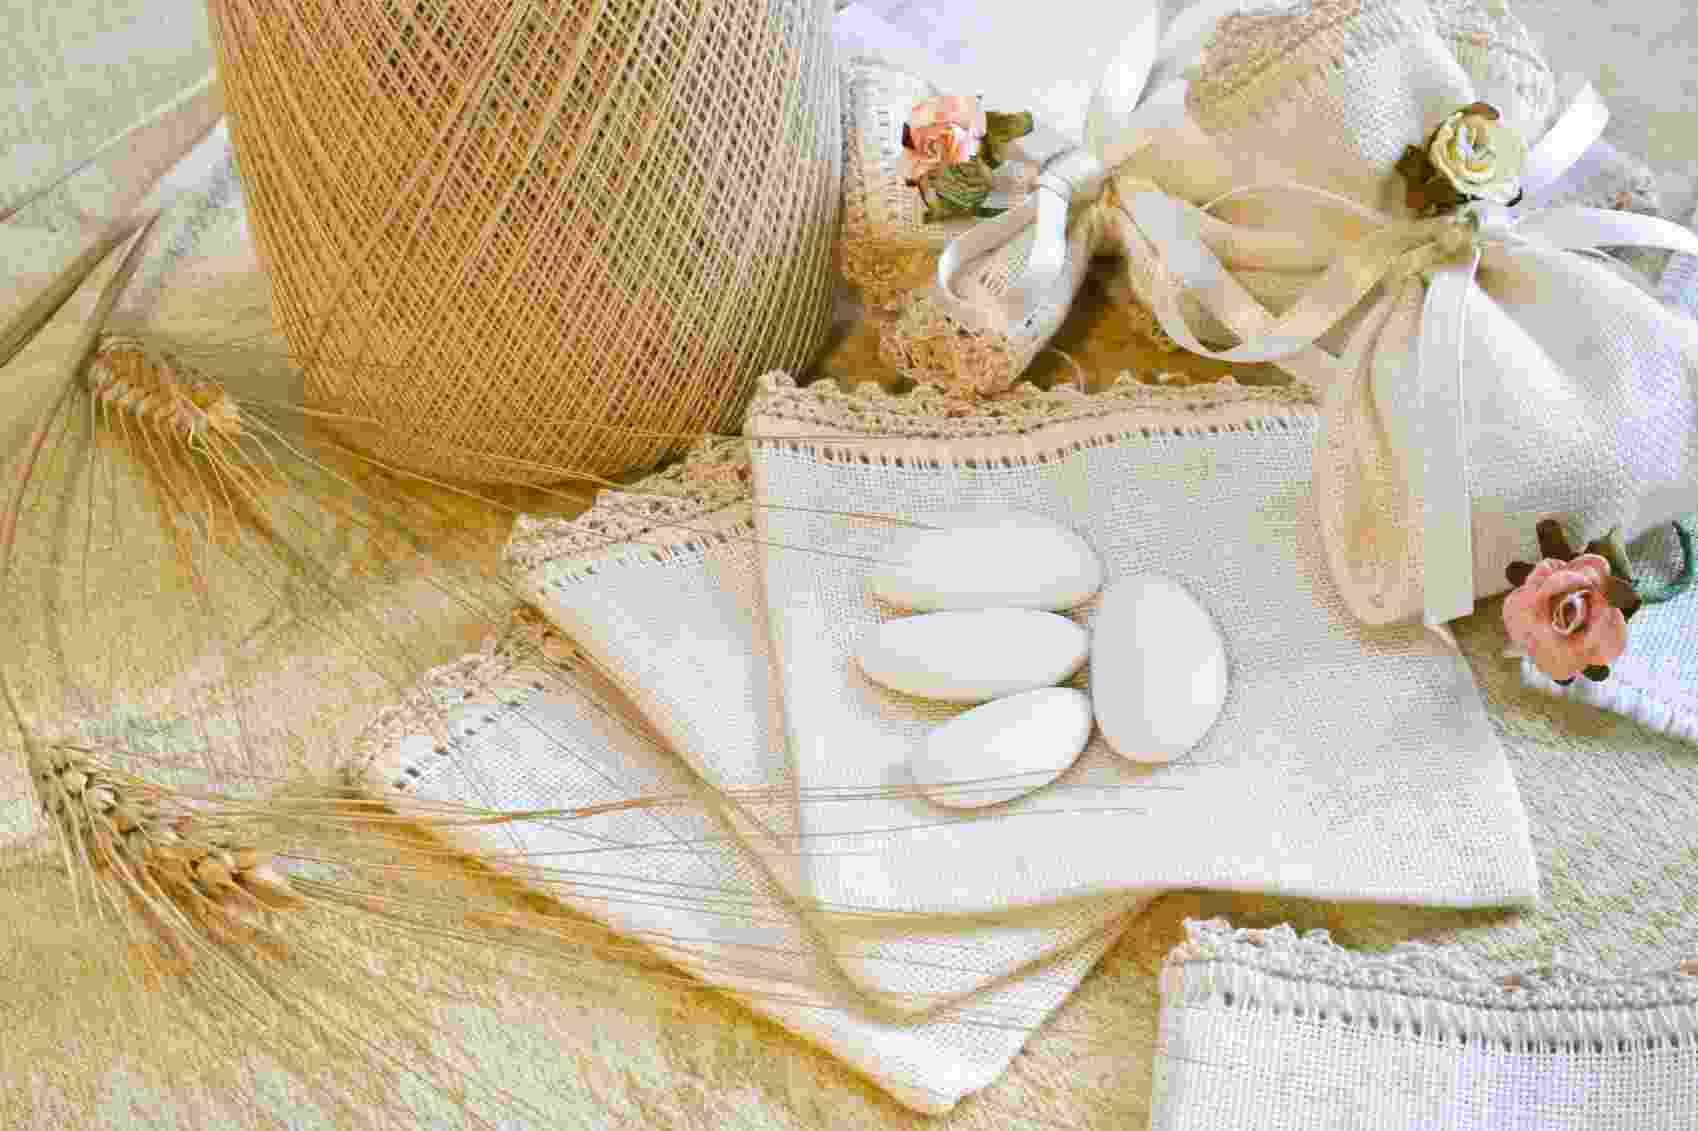 Os italianos deram início à tradição de oferecer amêndoas confeitadas aos convidados durante o casamento - Getty Images